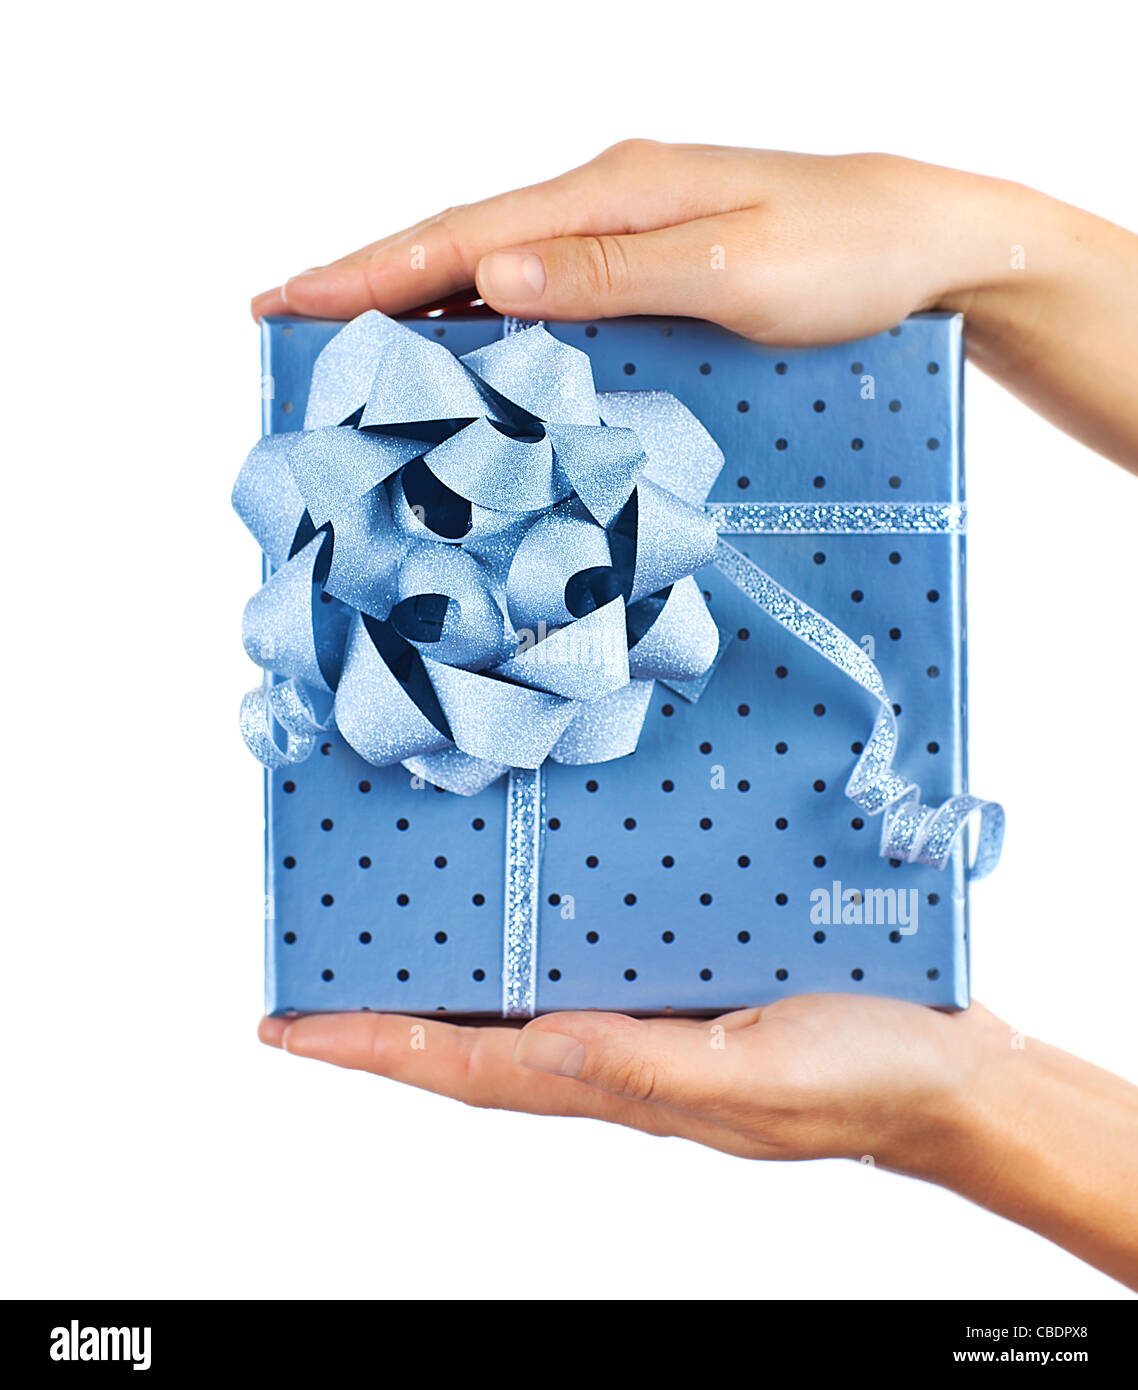 Frau Hände halten schöne blau Geschenk-Box, geben Geschenk Konzept ...